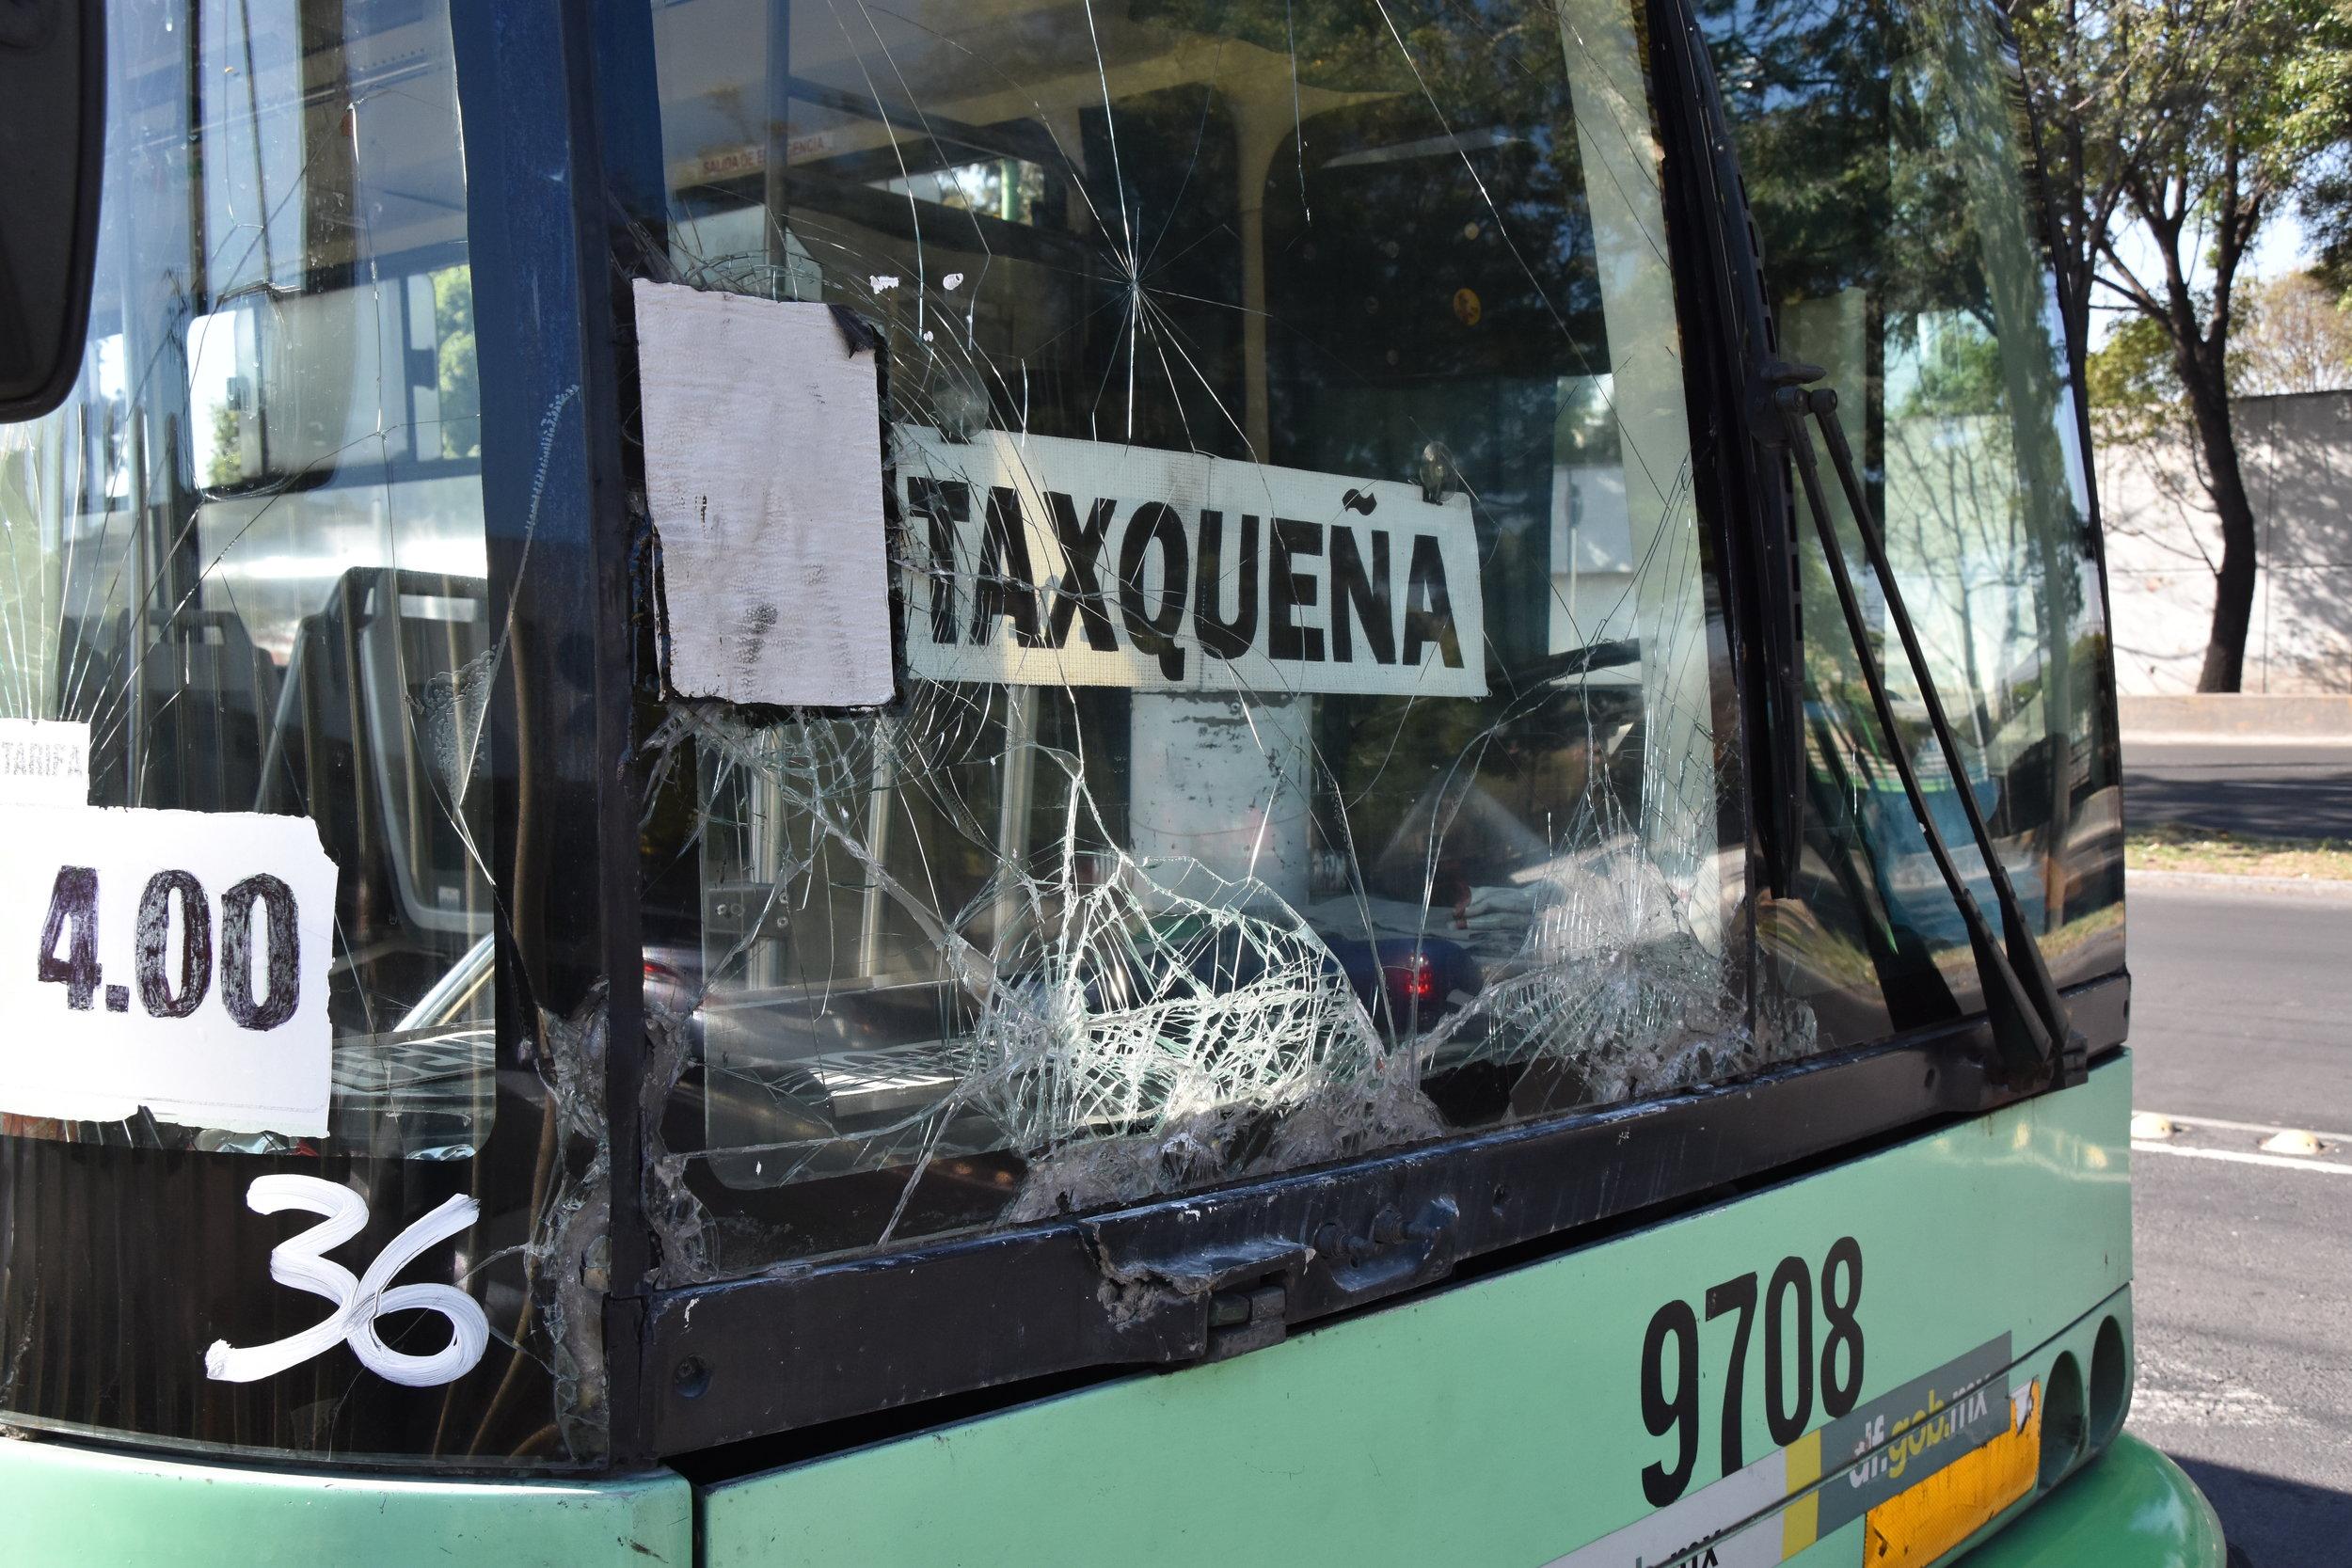 """I toto je bohužel na provozních trolejbusech naprosto běžný stav. Naopak má ale vůz """"kulturní"""" linkovou orientaci. I přes minimální údržbu a záměrné znevýhodňování trolejbusů v minulosti se trolejbusový provoz s cca 300 vozidly stále drží. (foto: Libor Hinčica)"""